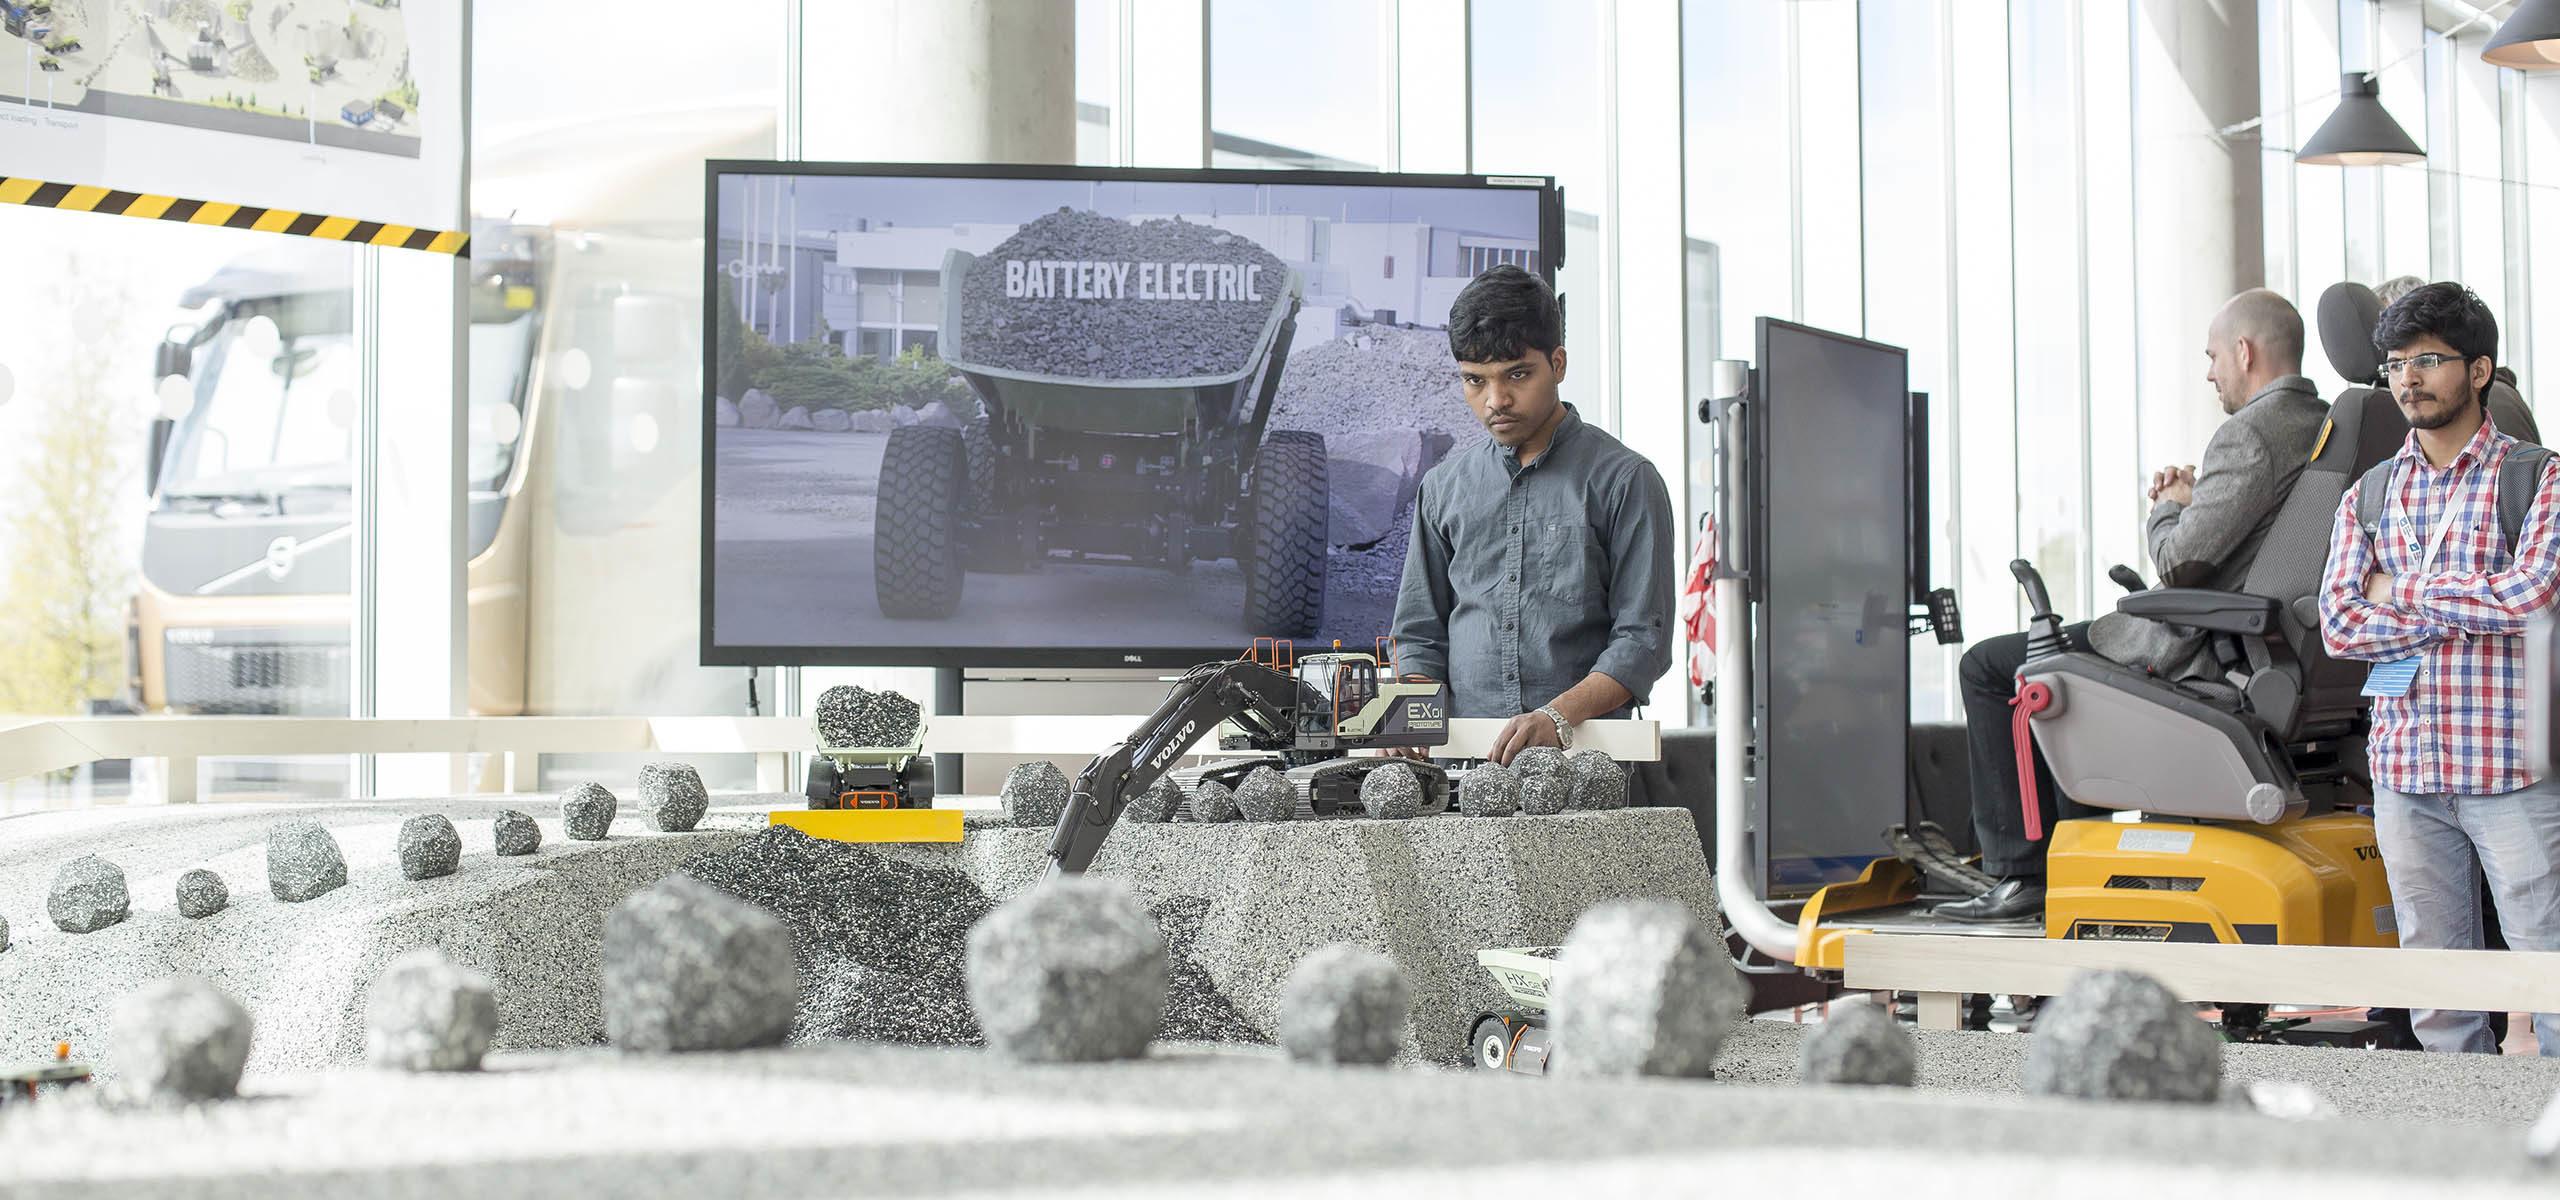 Fotografi på student som styr en radiostyrd grävmaskin, en annan student tittar på